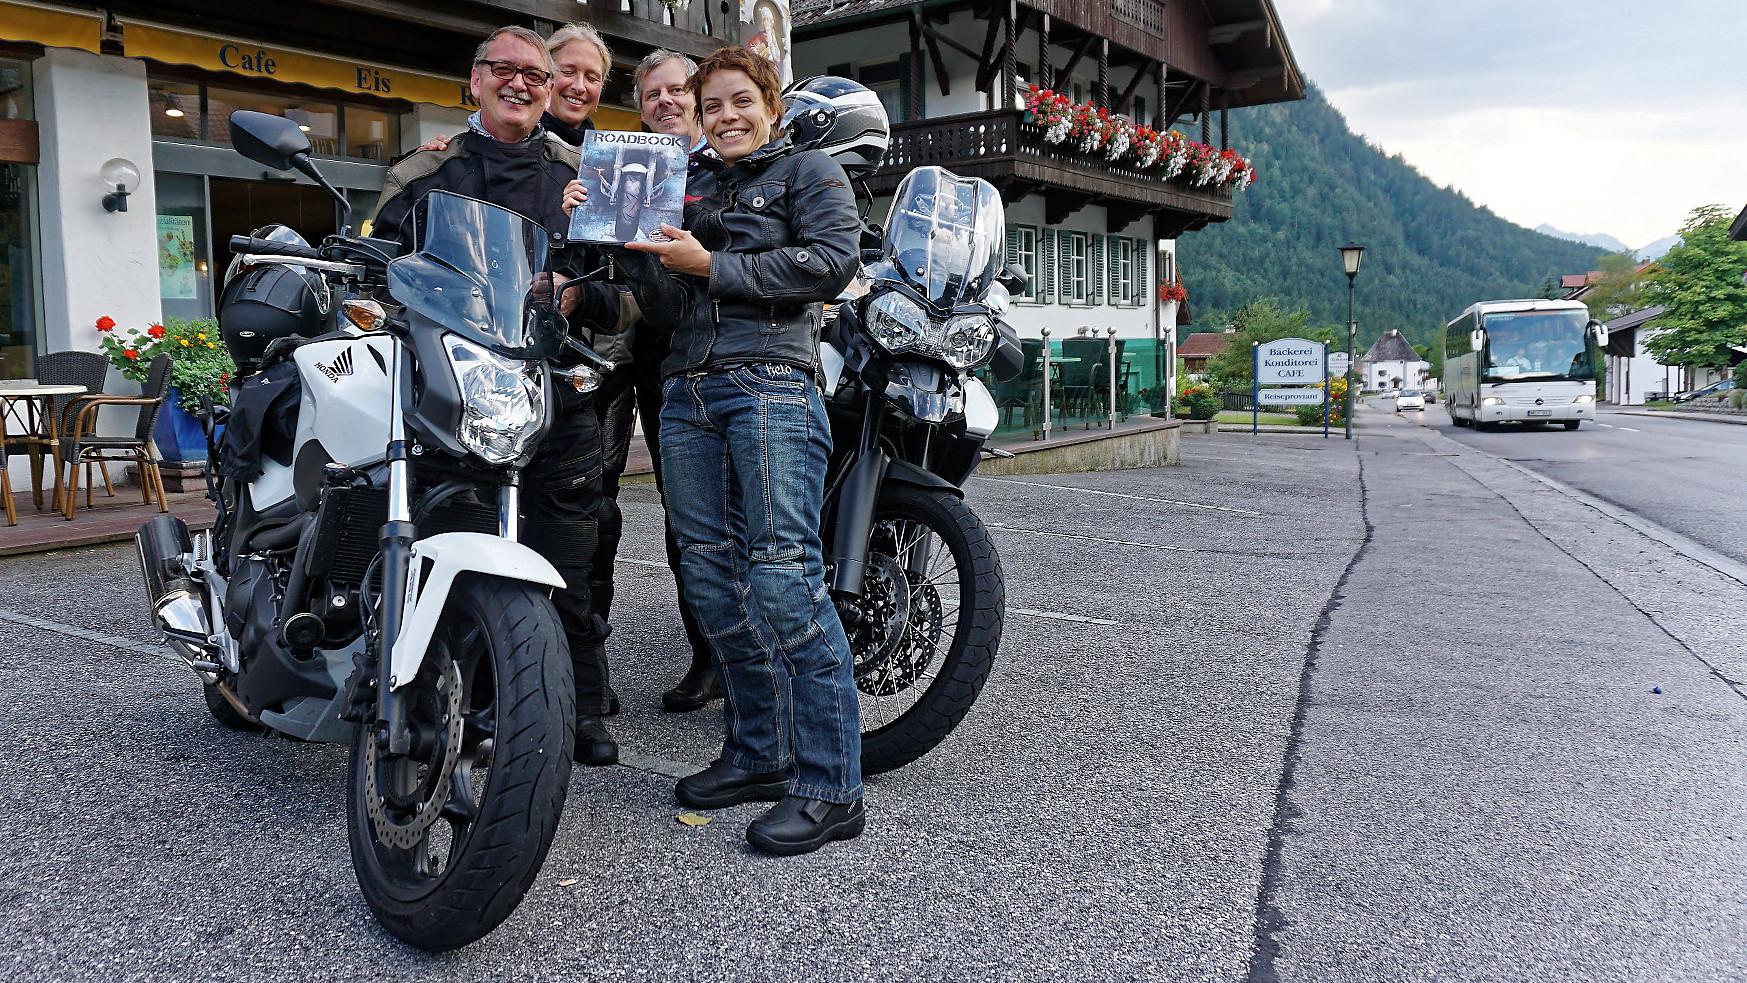 Teilnehmer mit Roadbook